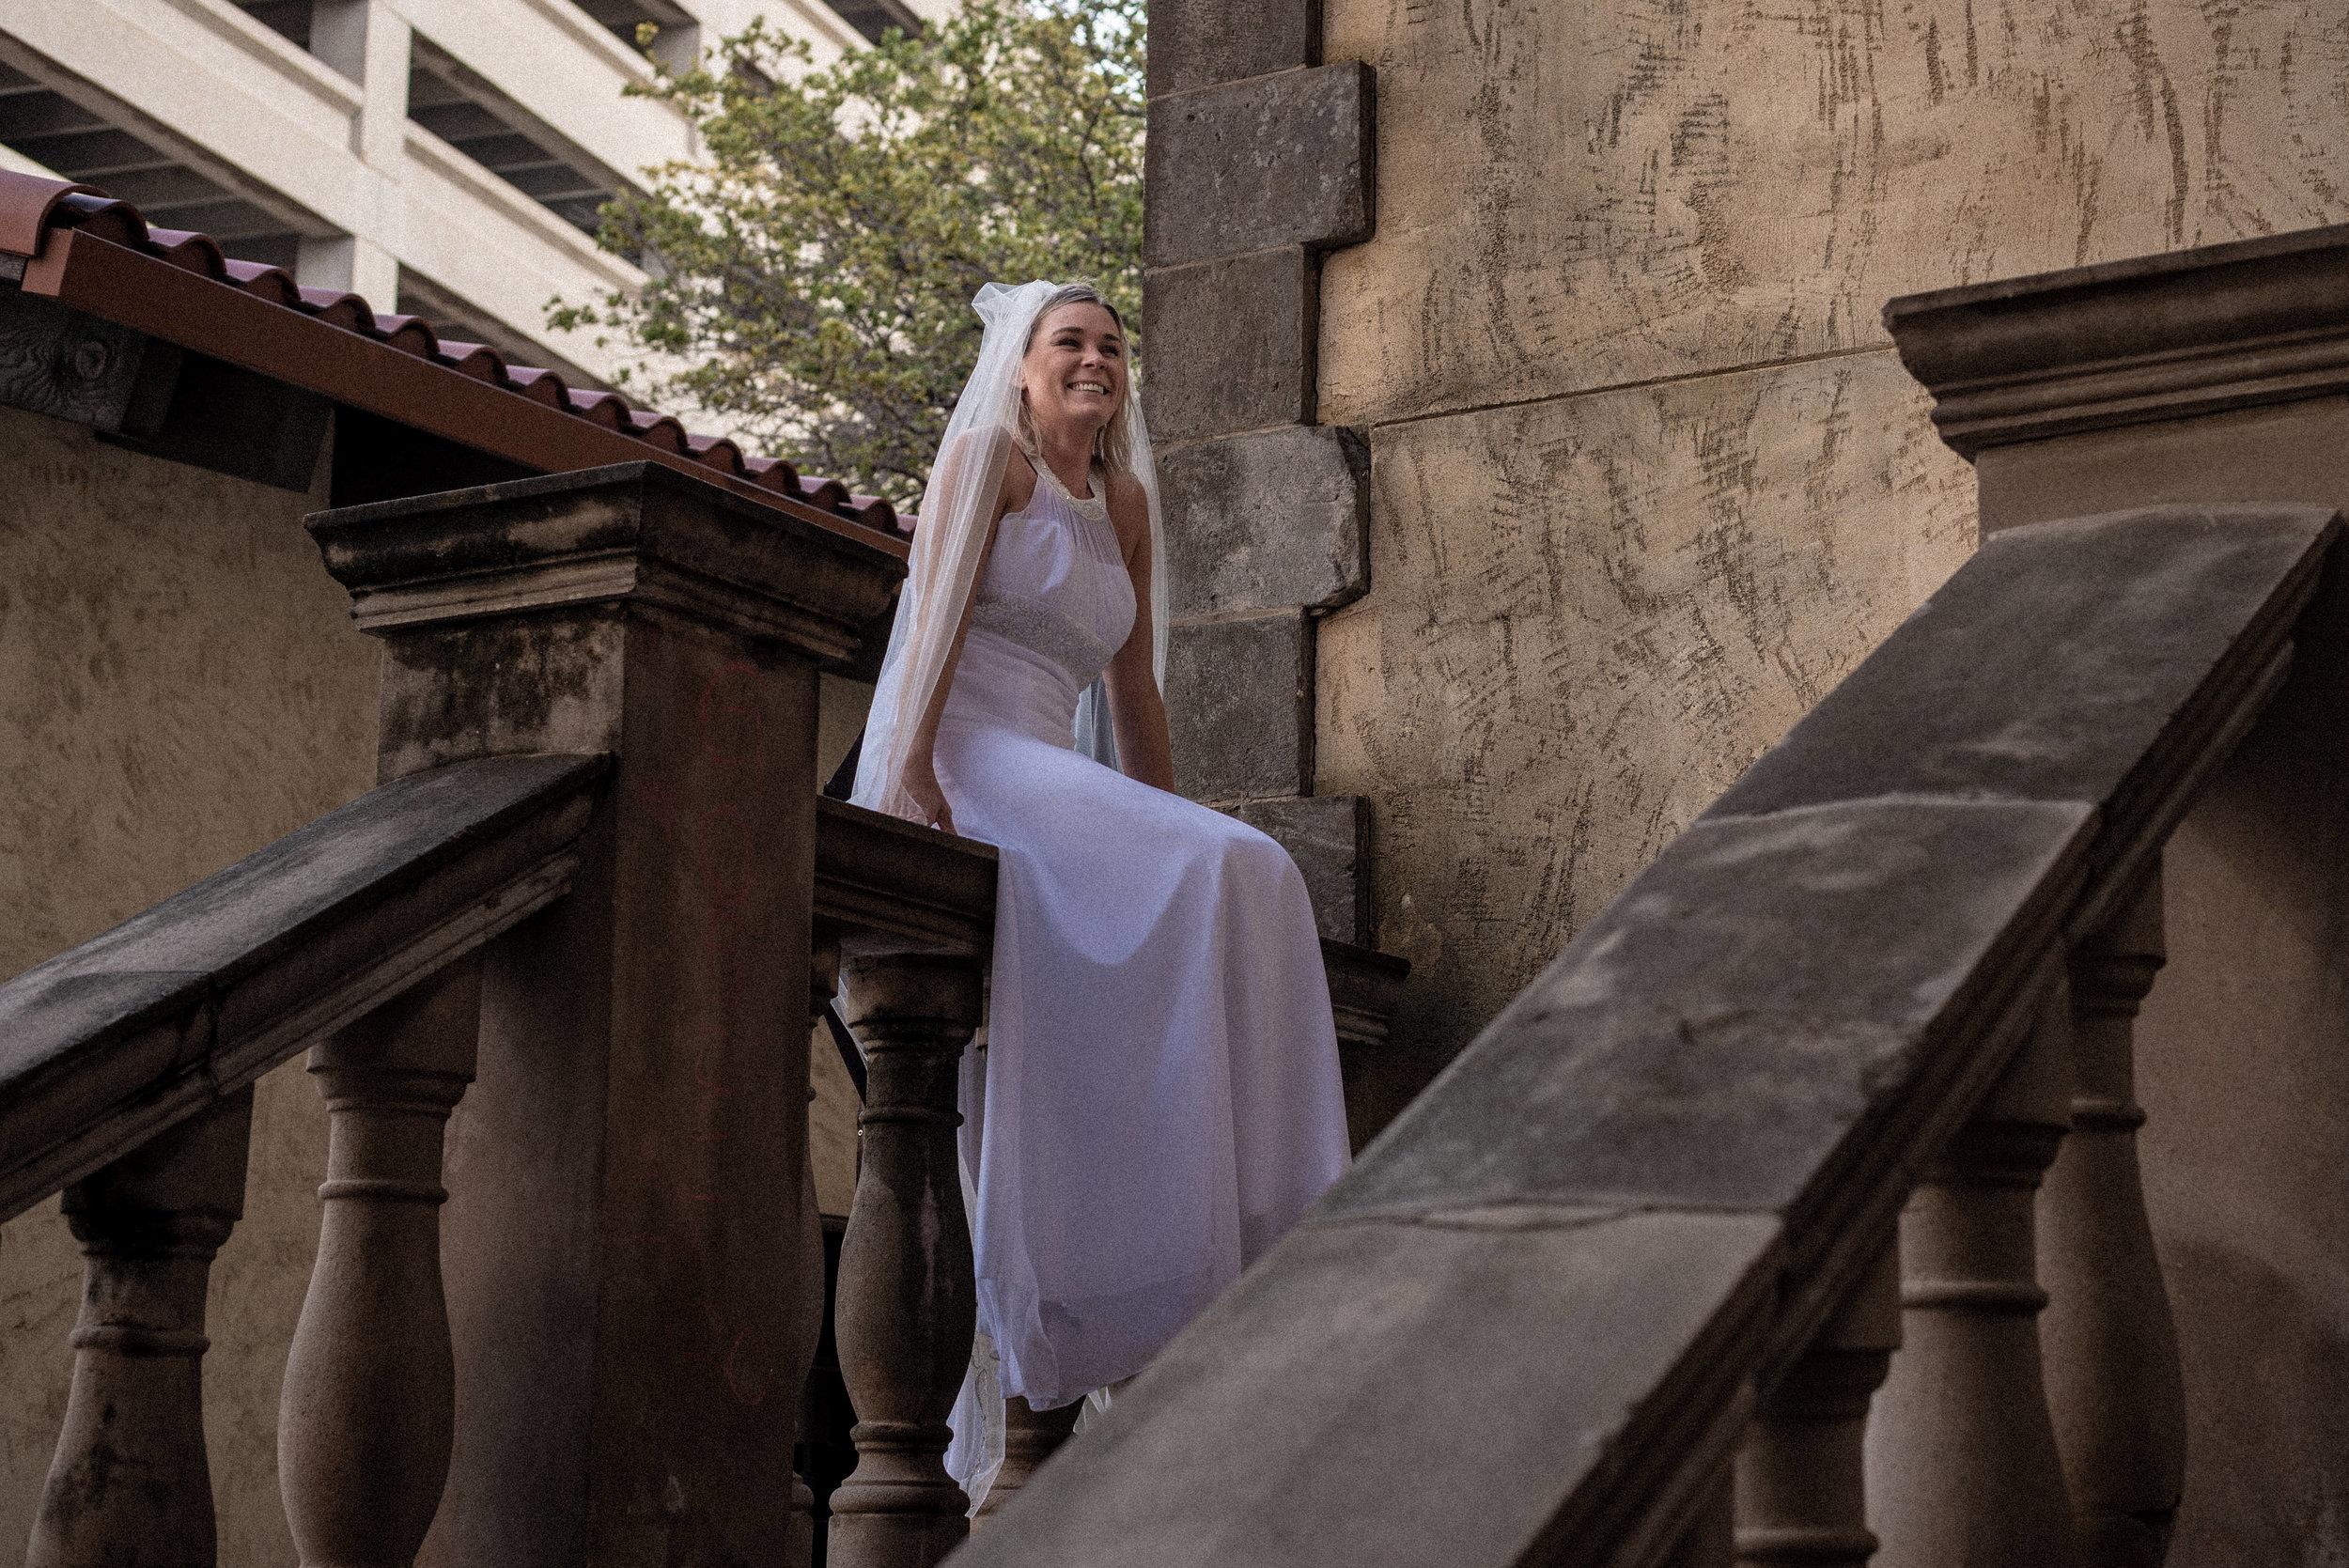 Wedding-Photographer-Dallas-Terry-McCranie-Sallee-Workshop-5.jpg